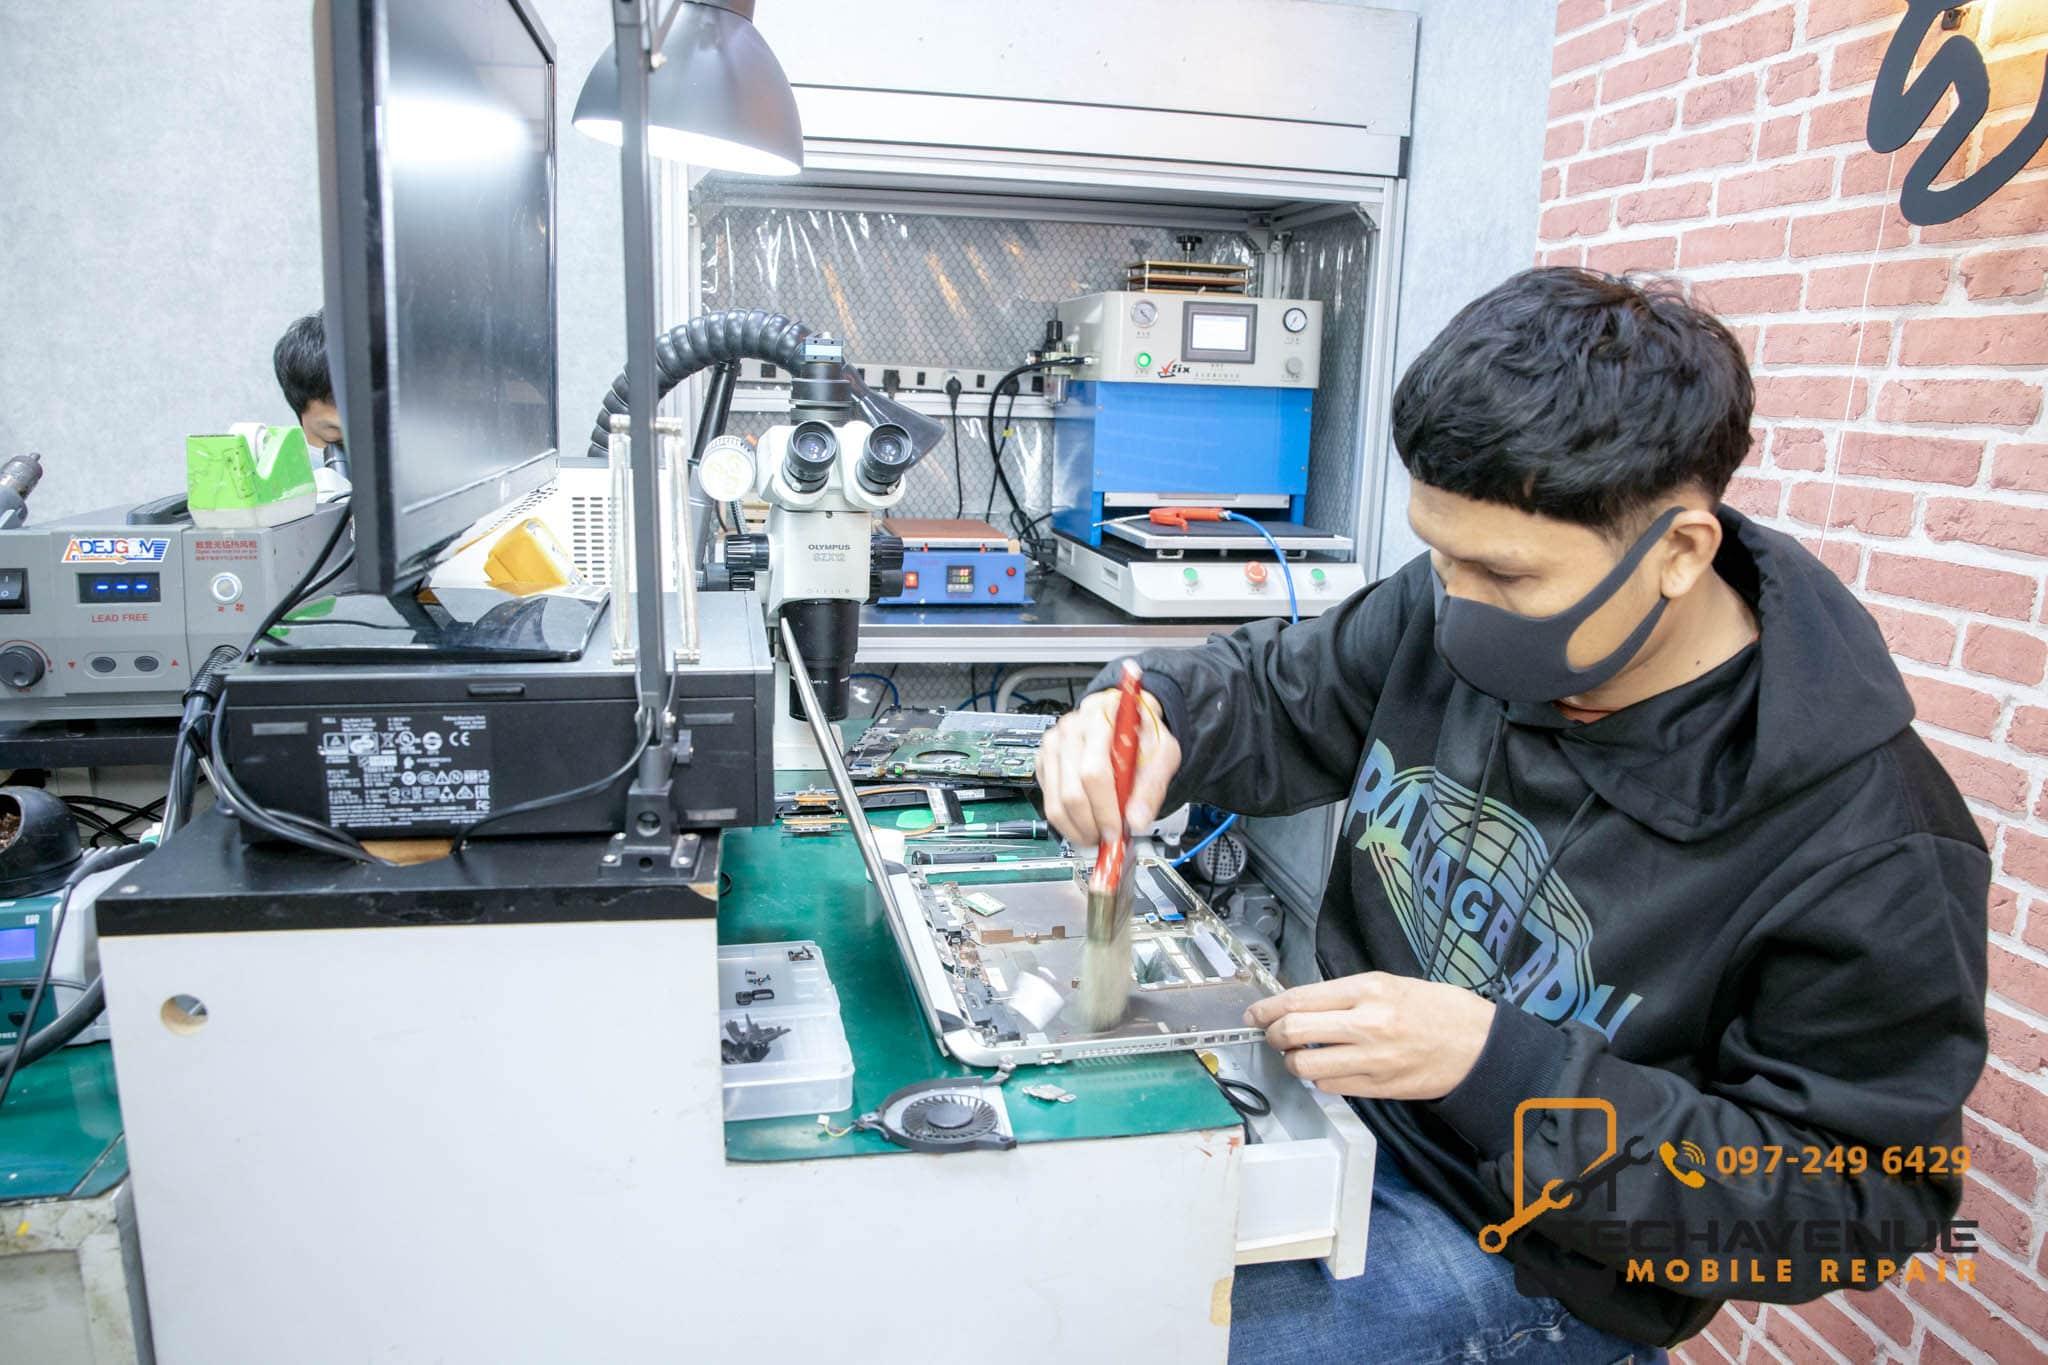 ซ่อม Mac book ตึกฟอร์จูน ร้านไหน ของแท้ รอรับได้เลย 🥇 ศูนย์ซ่อม โทรศัพท์มือถือ มือถือทุกรุ่น ทุกยี่ห้อ iPhone | Apple | Samsung | Huawei